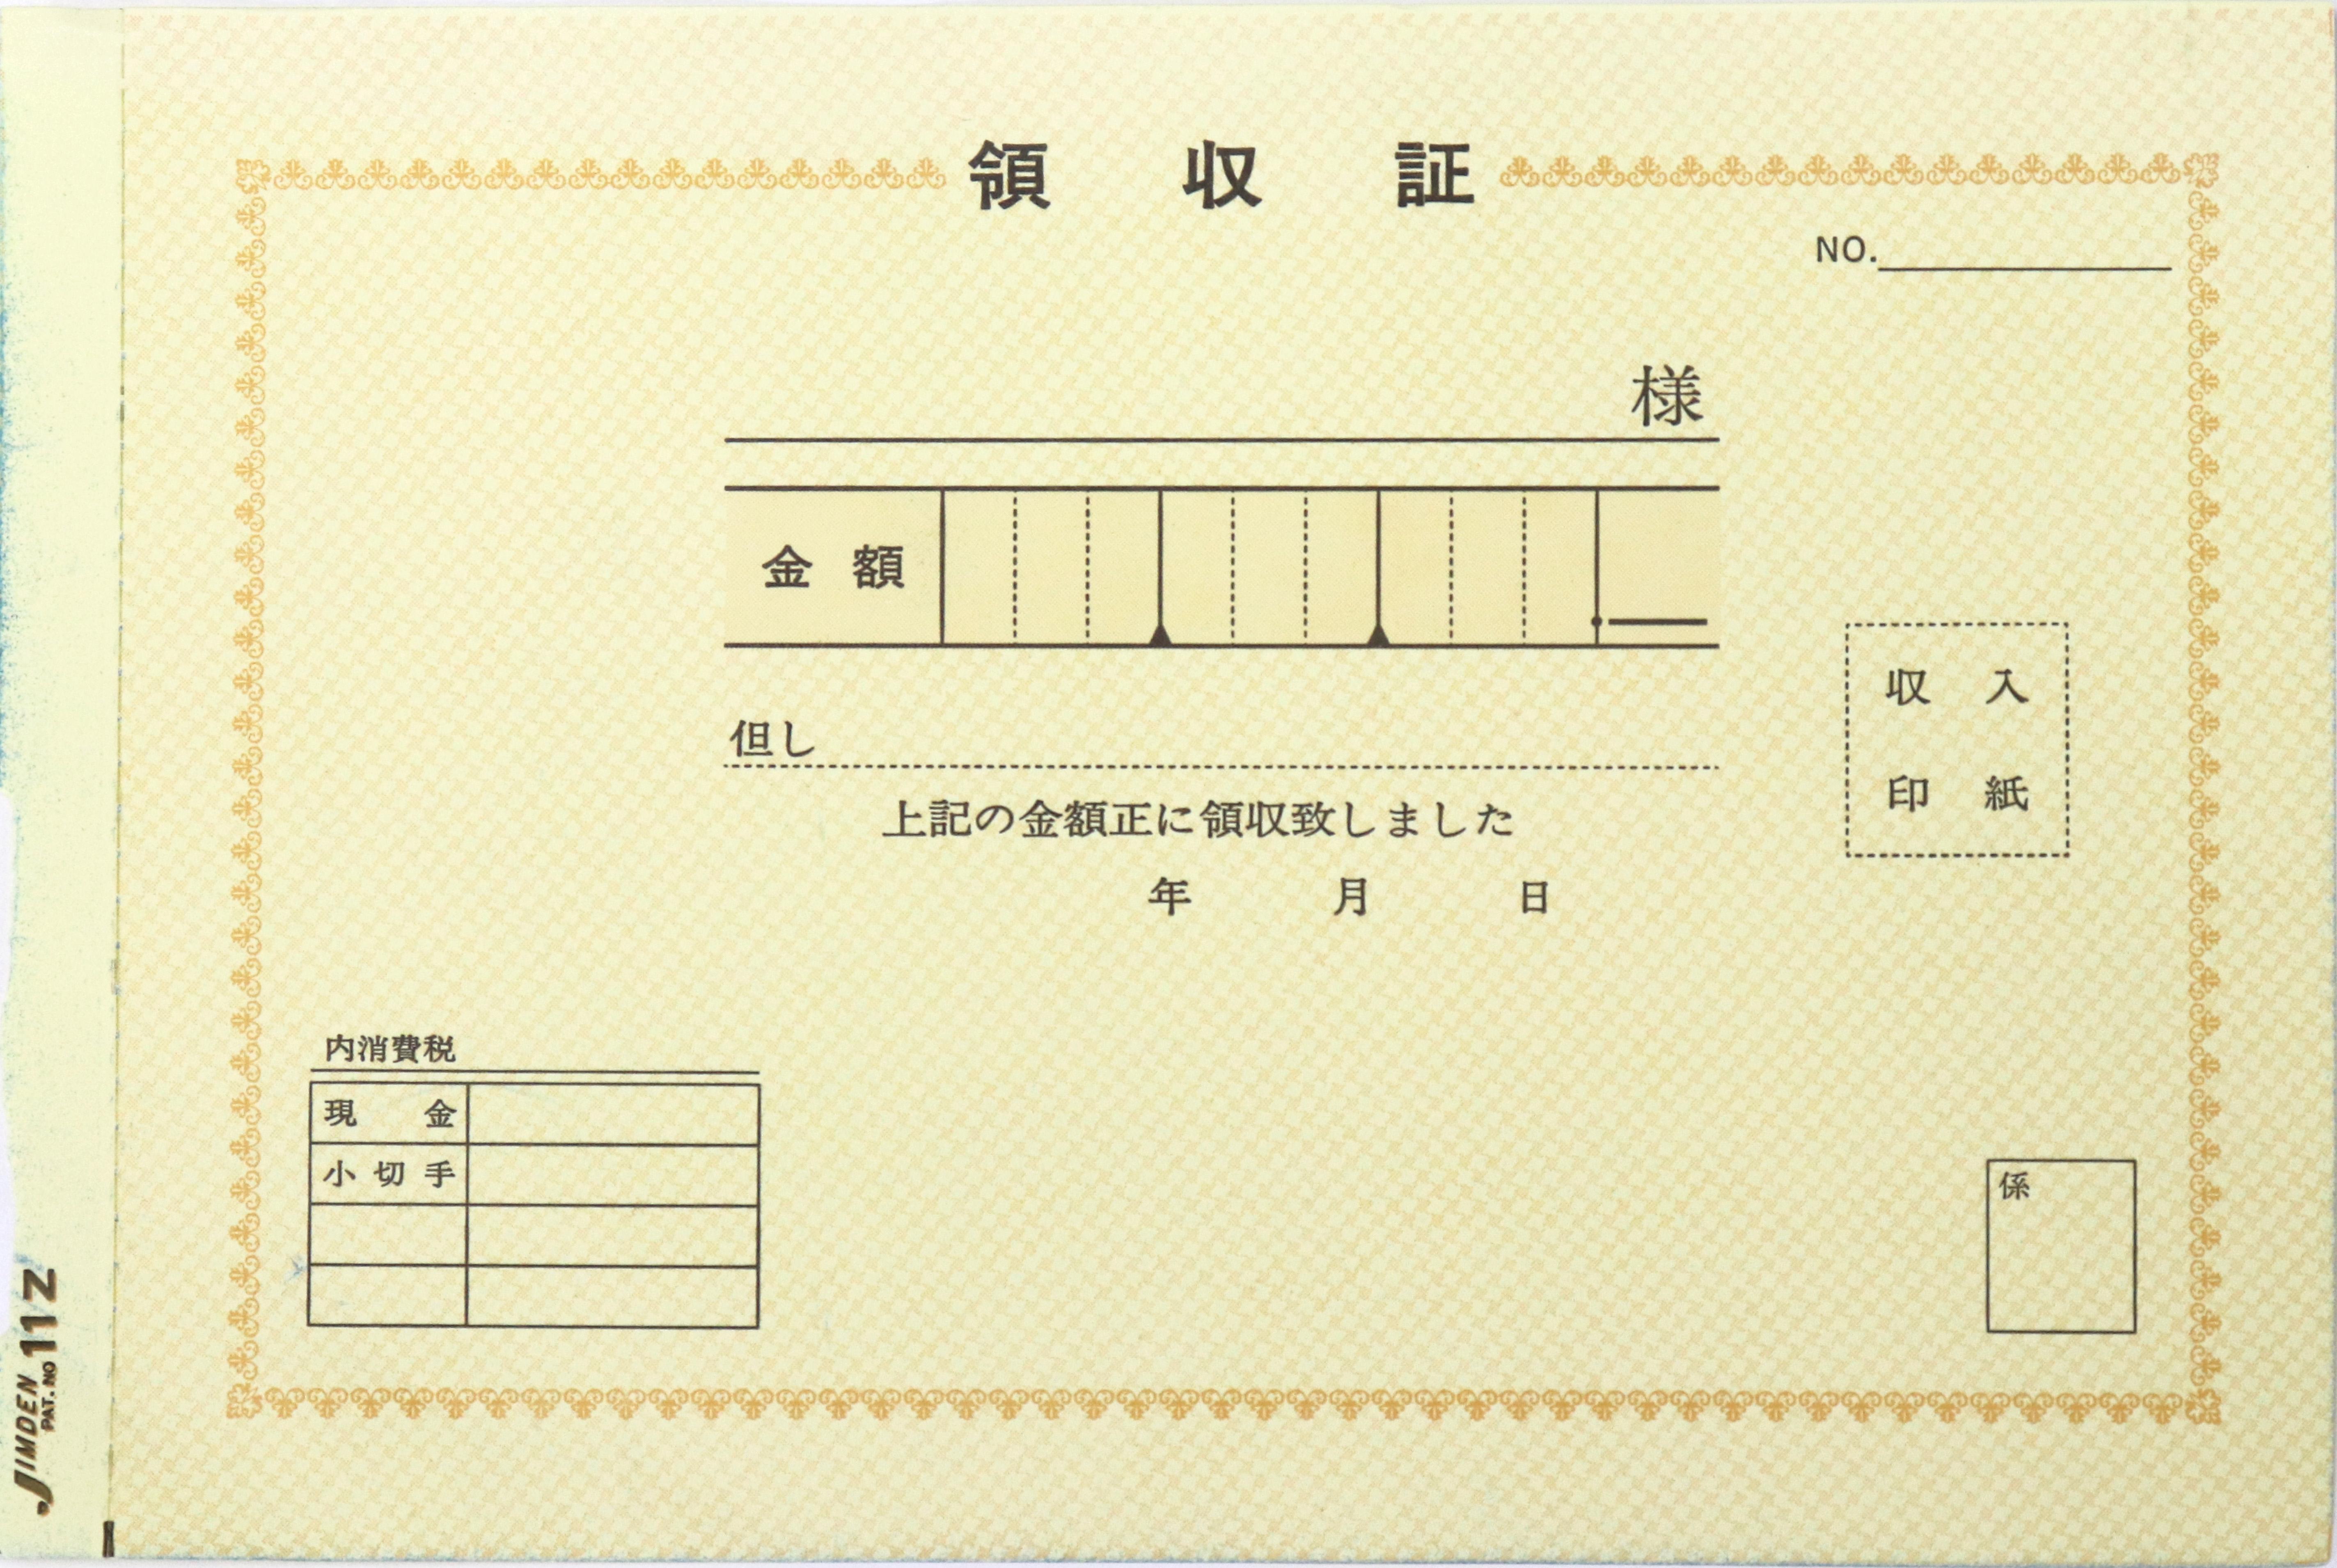 領収証,複写,伝票